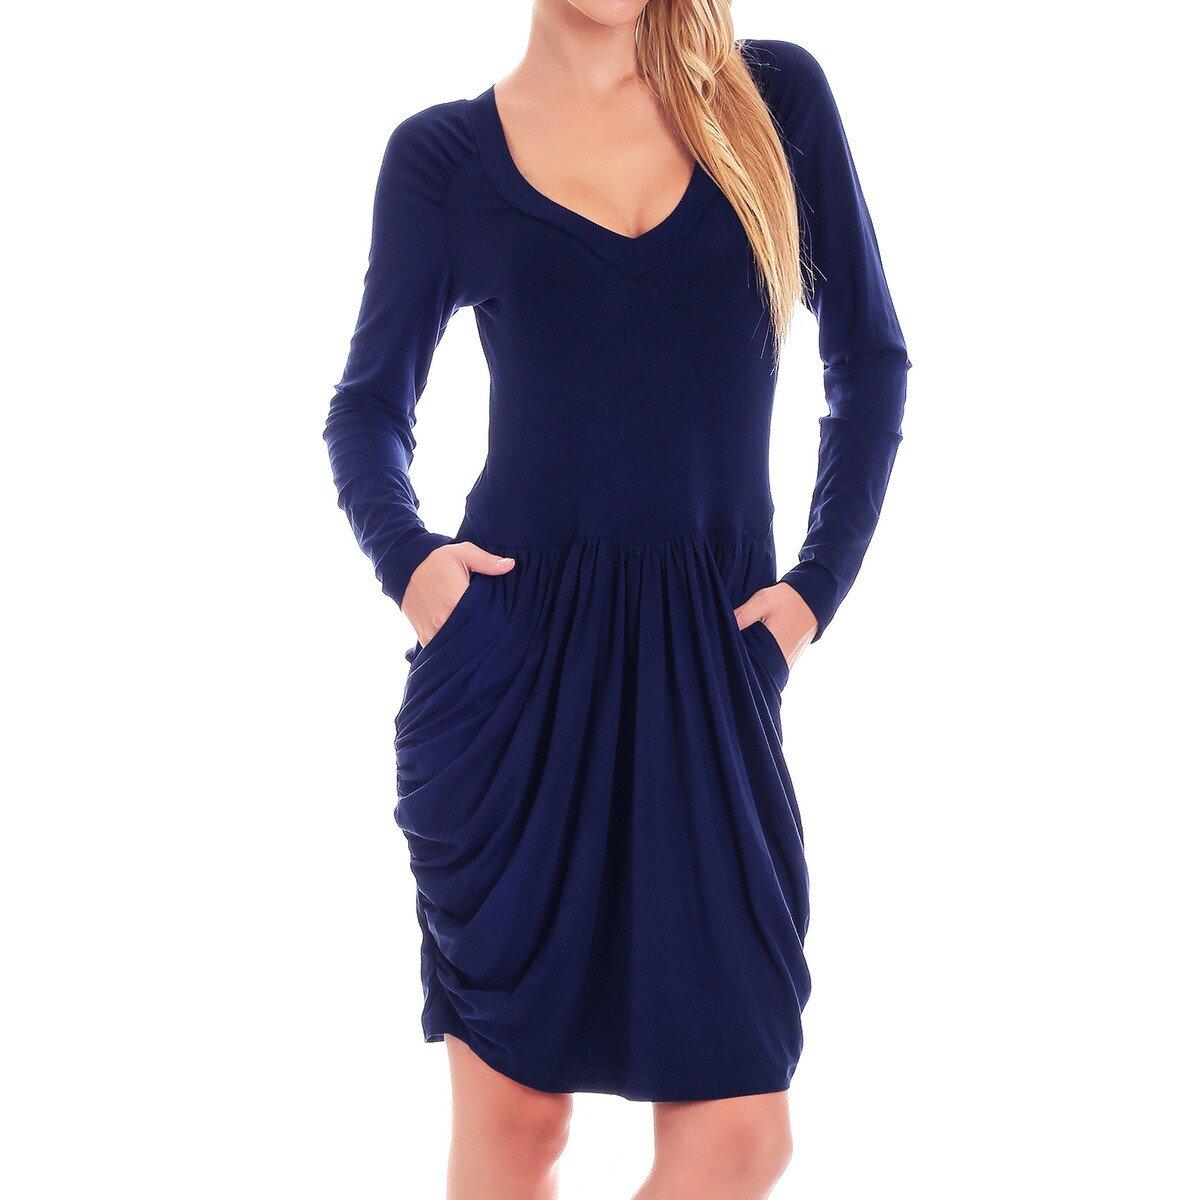 e67e8cd6364 Dámské tmavě modré šaty s dlouhým rukávem Berry Couture